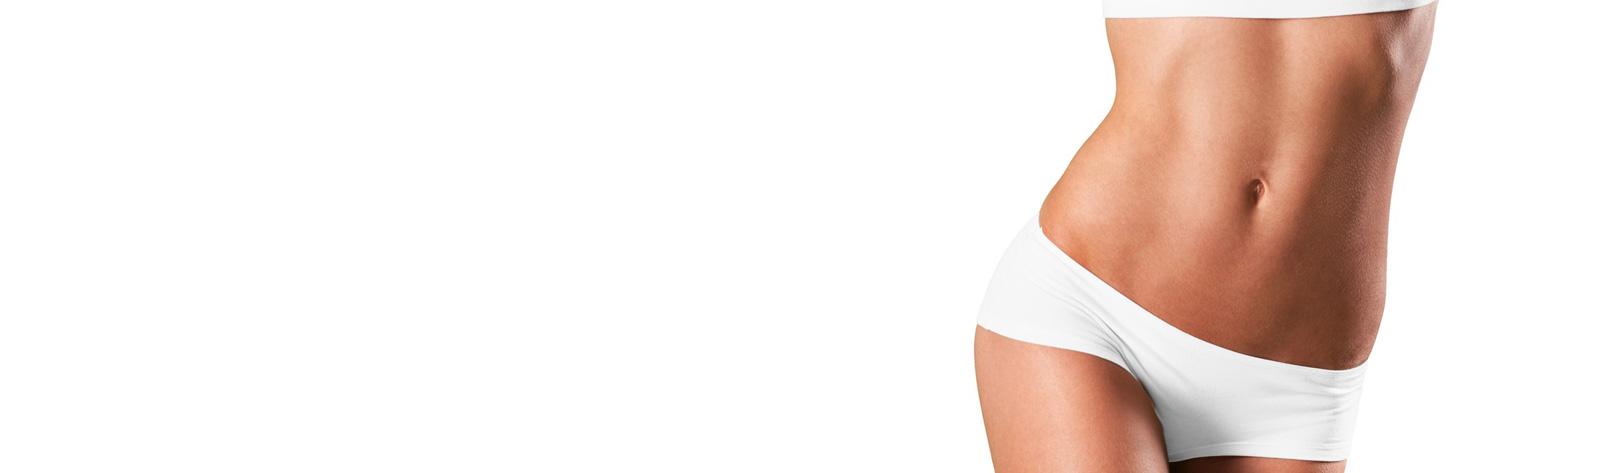 Liposukcja – jak przygotować się do zabiegu?